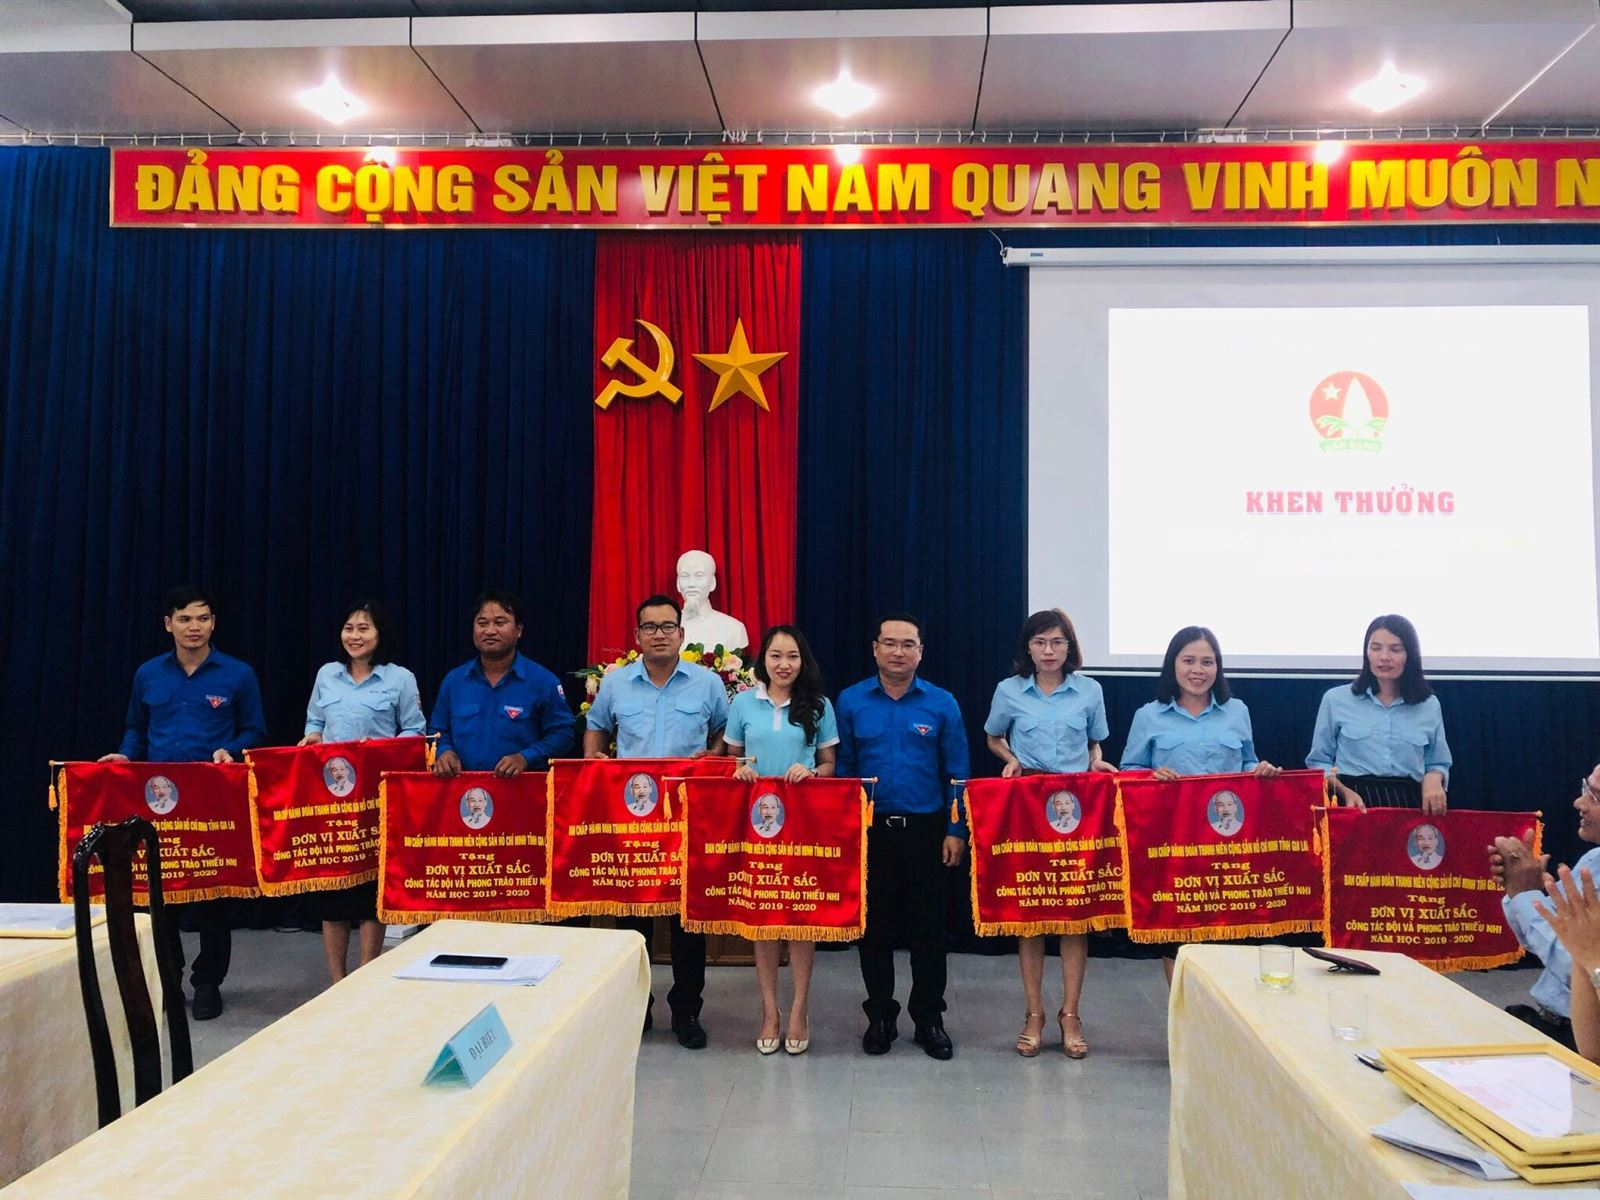 Gia Lai: Tổ chức Hội nghị tổng kết công tác Đội và phong trào thiếu nhi năm học 2019-2020